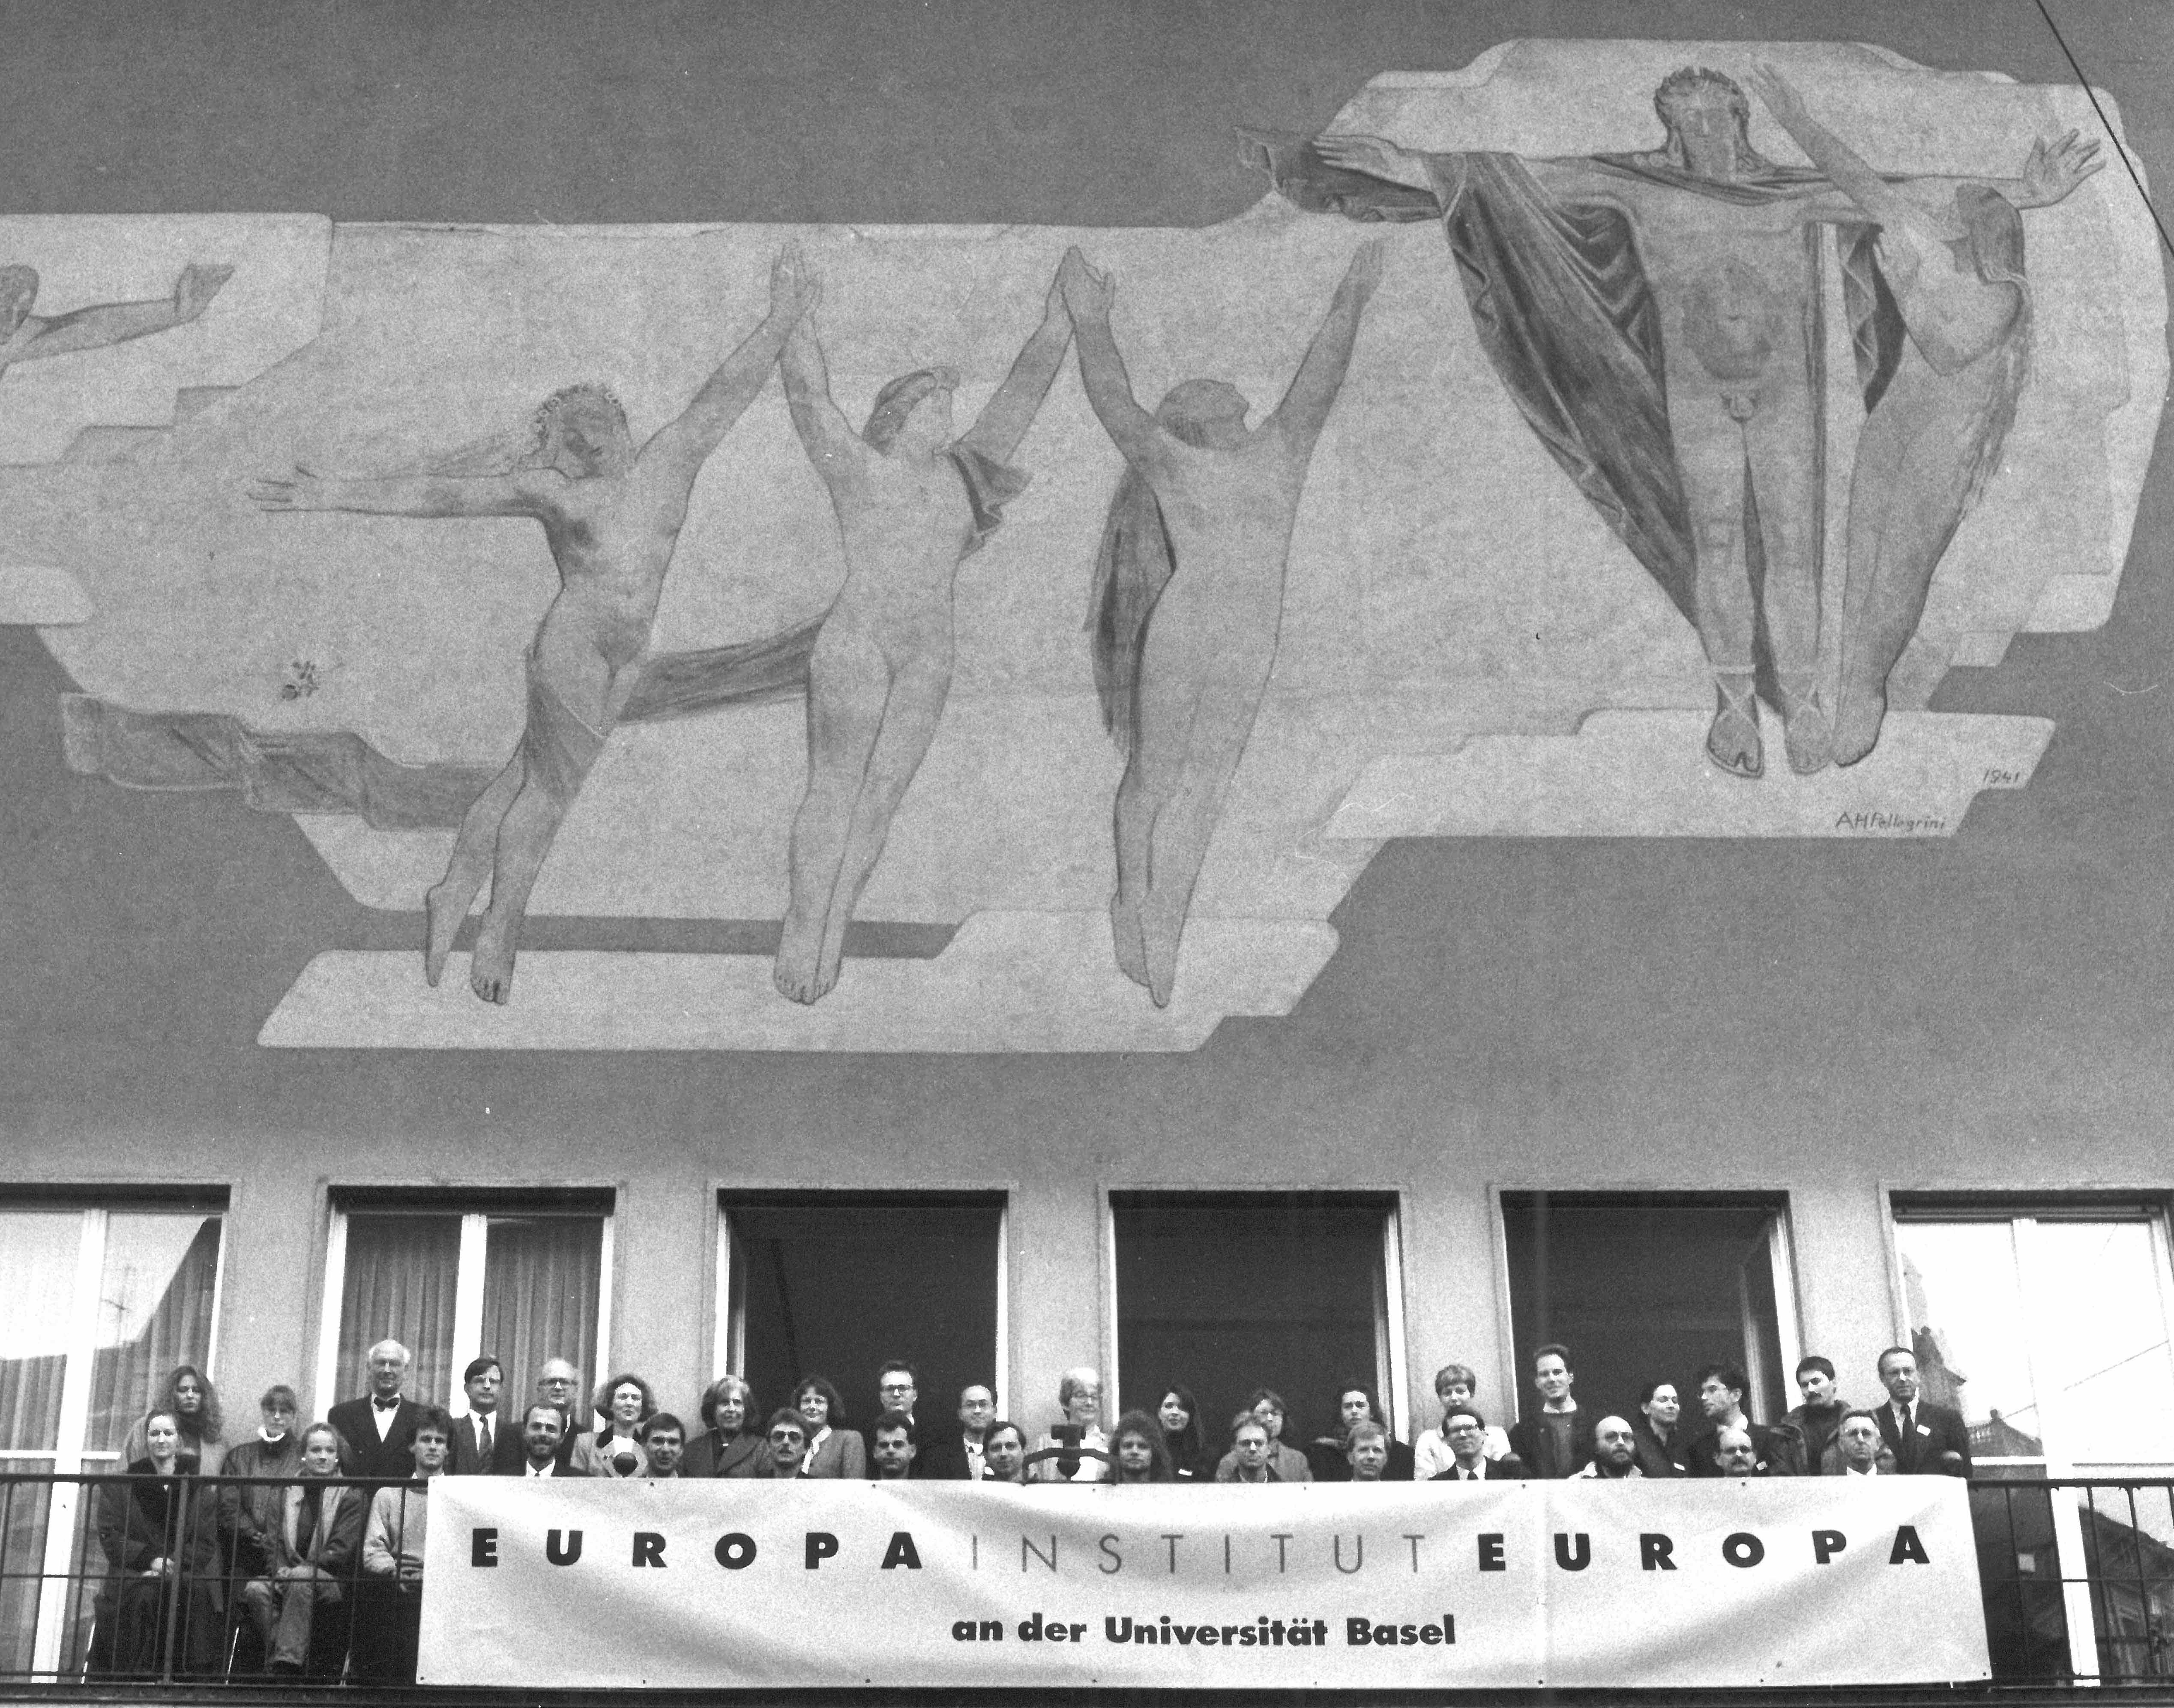 10 Die Domizile Europainstitut